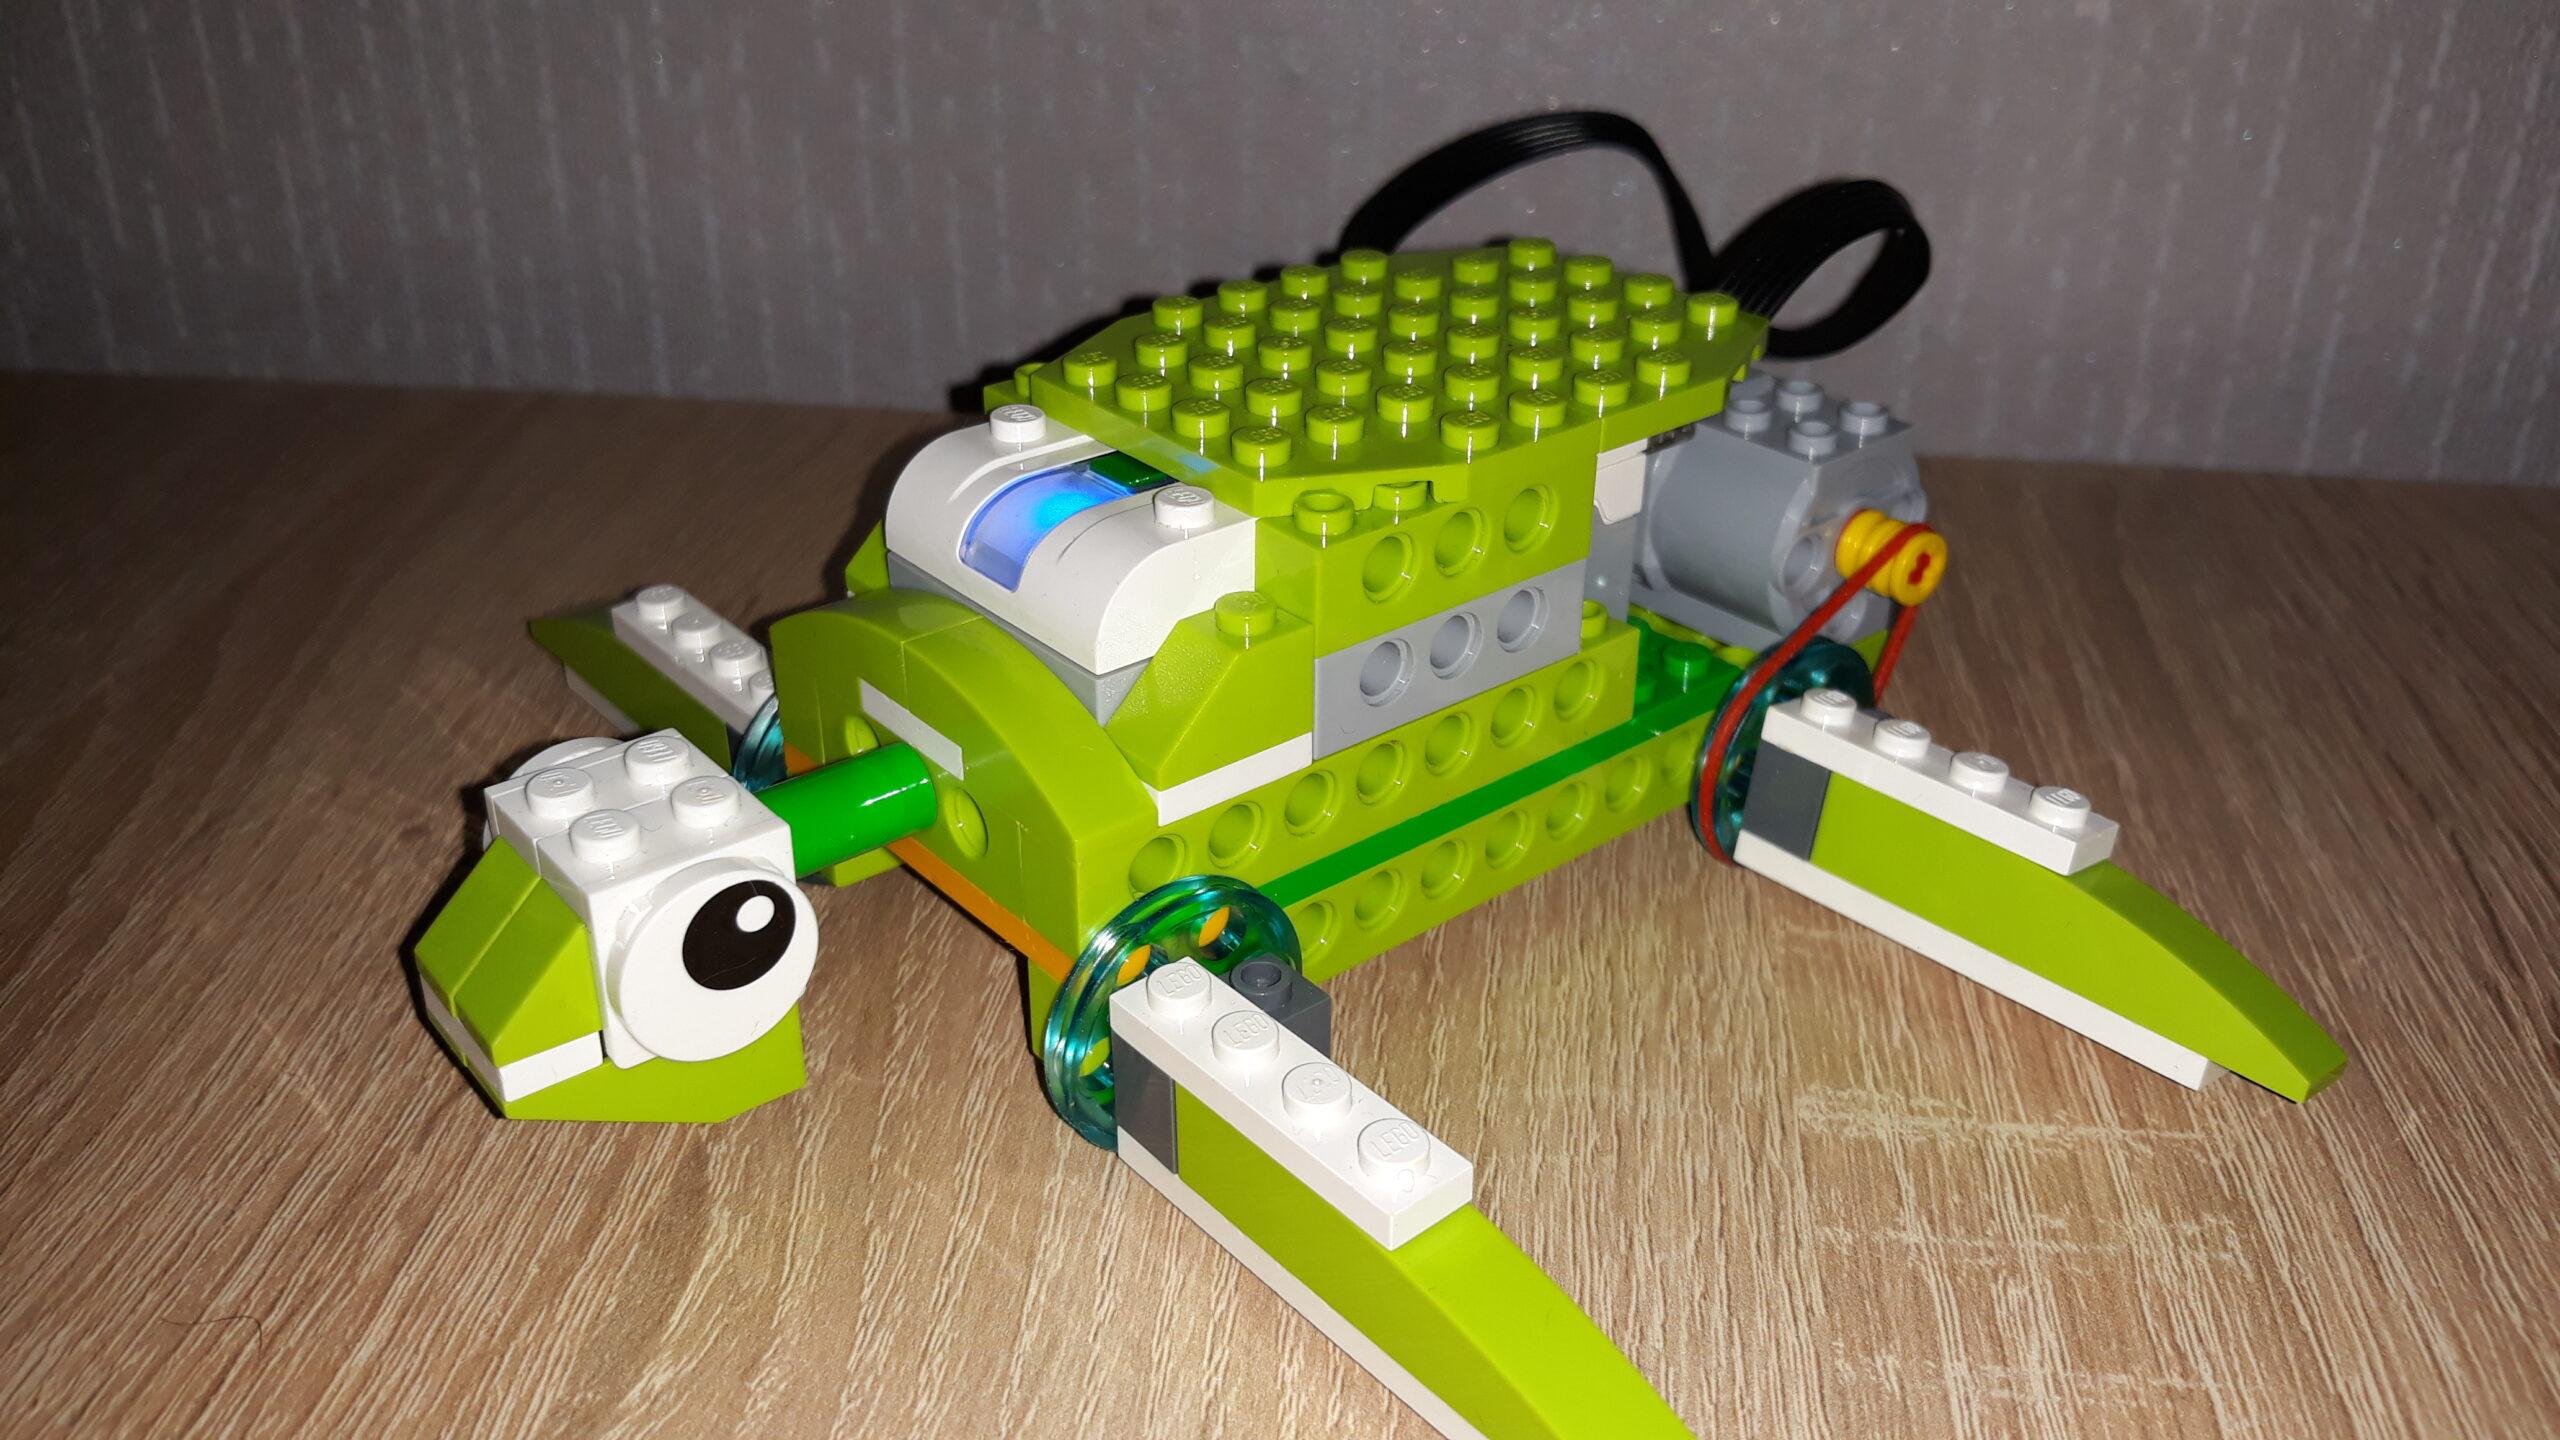 Инструкция по сборке из набора LEGO Education WeDo 2.0 Черепашка